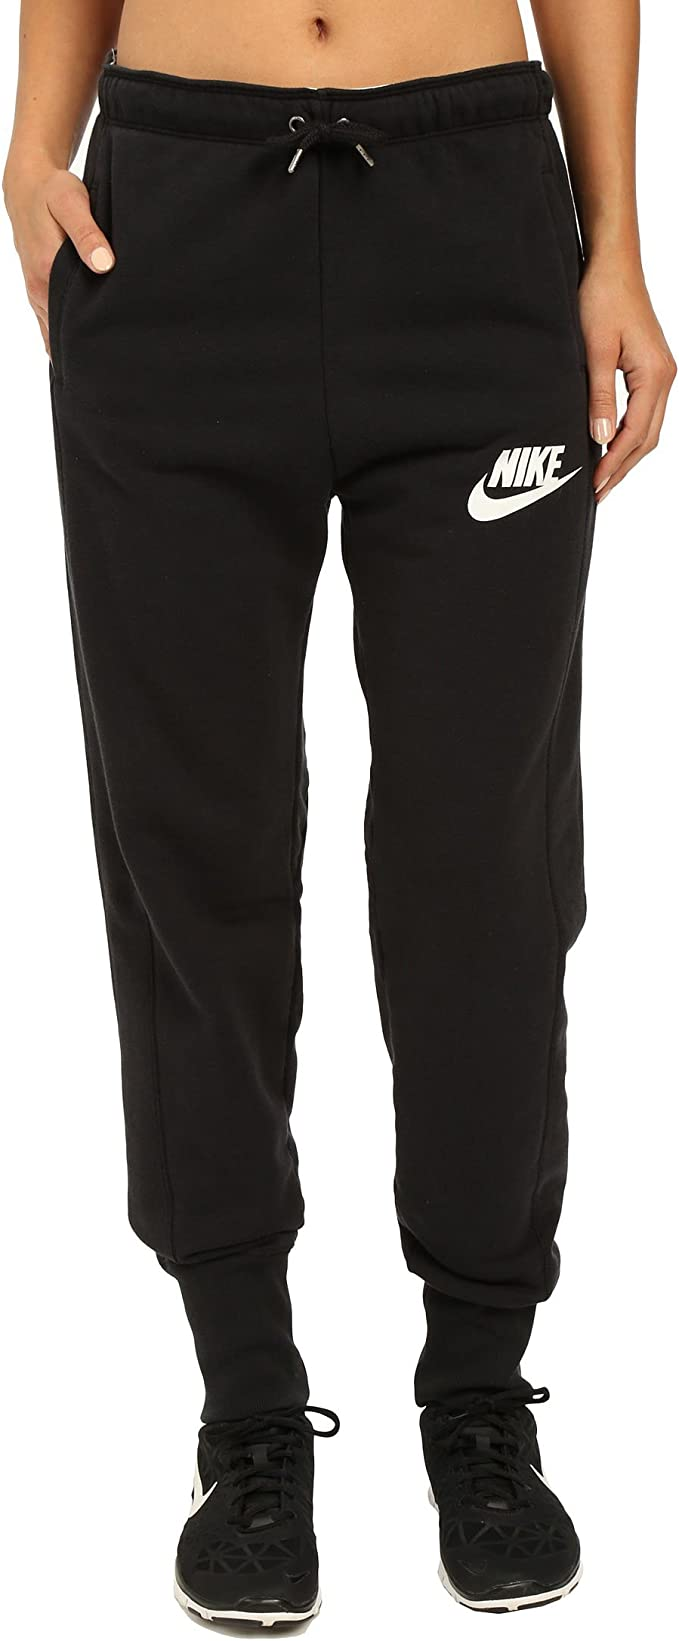 Pantal/ón Corto para Hombre Activewear Fleece Lounge